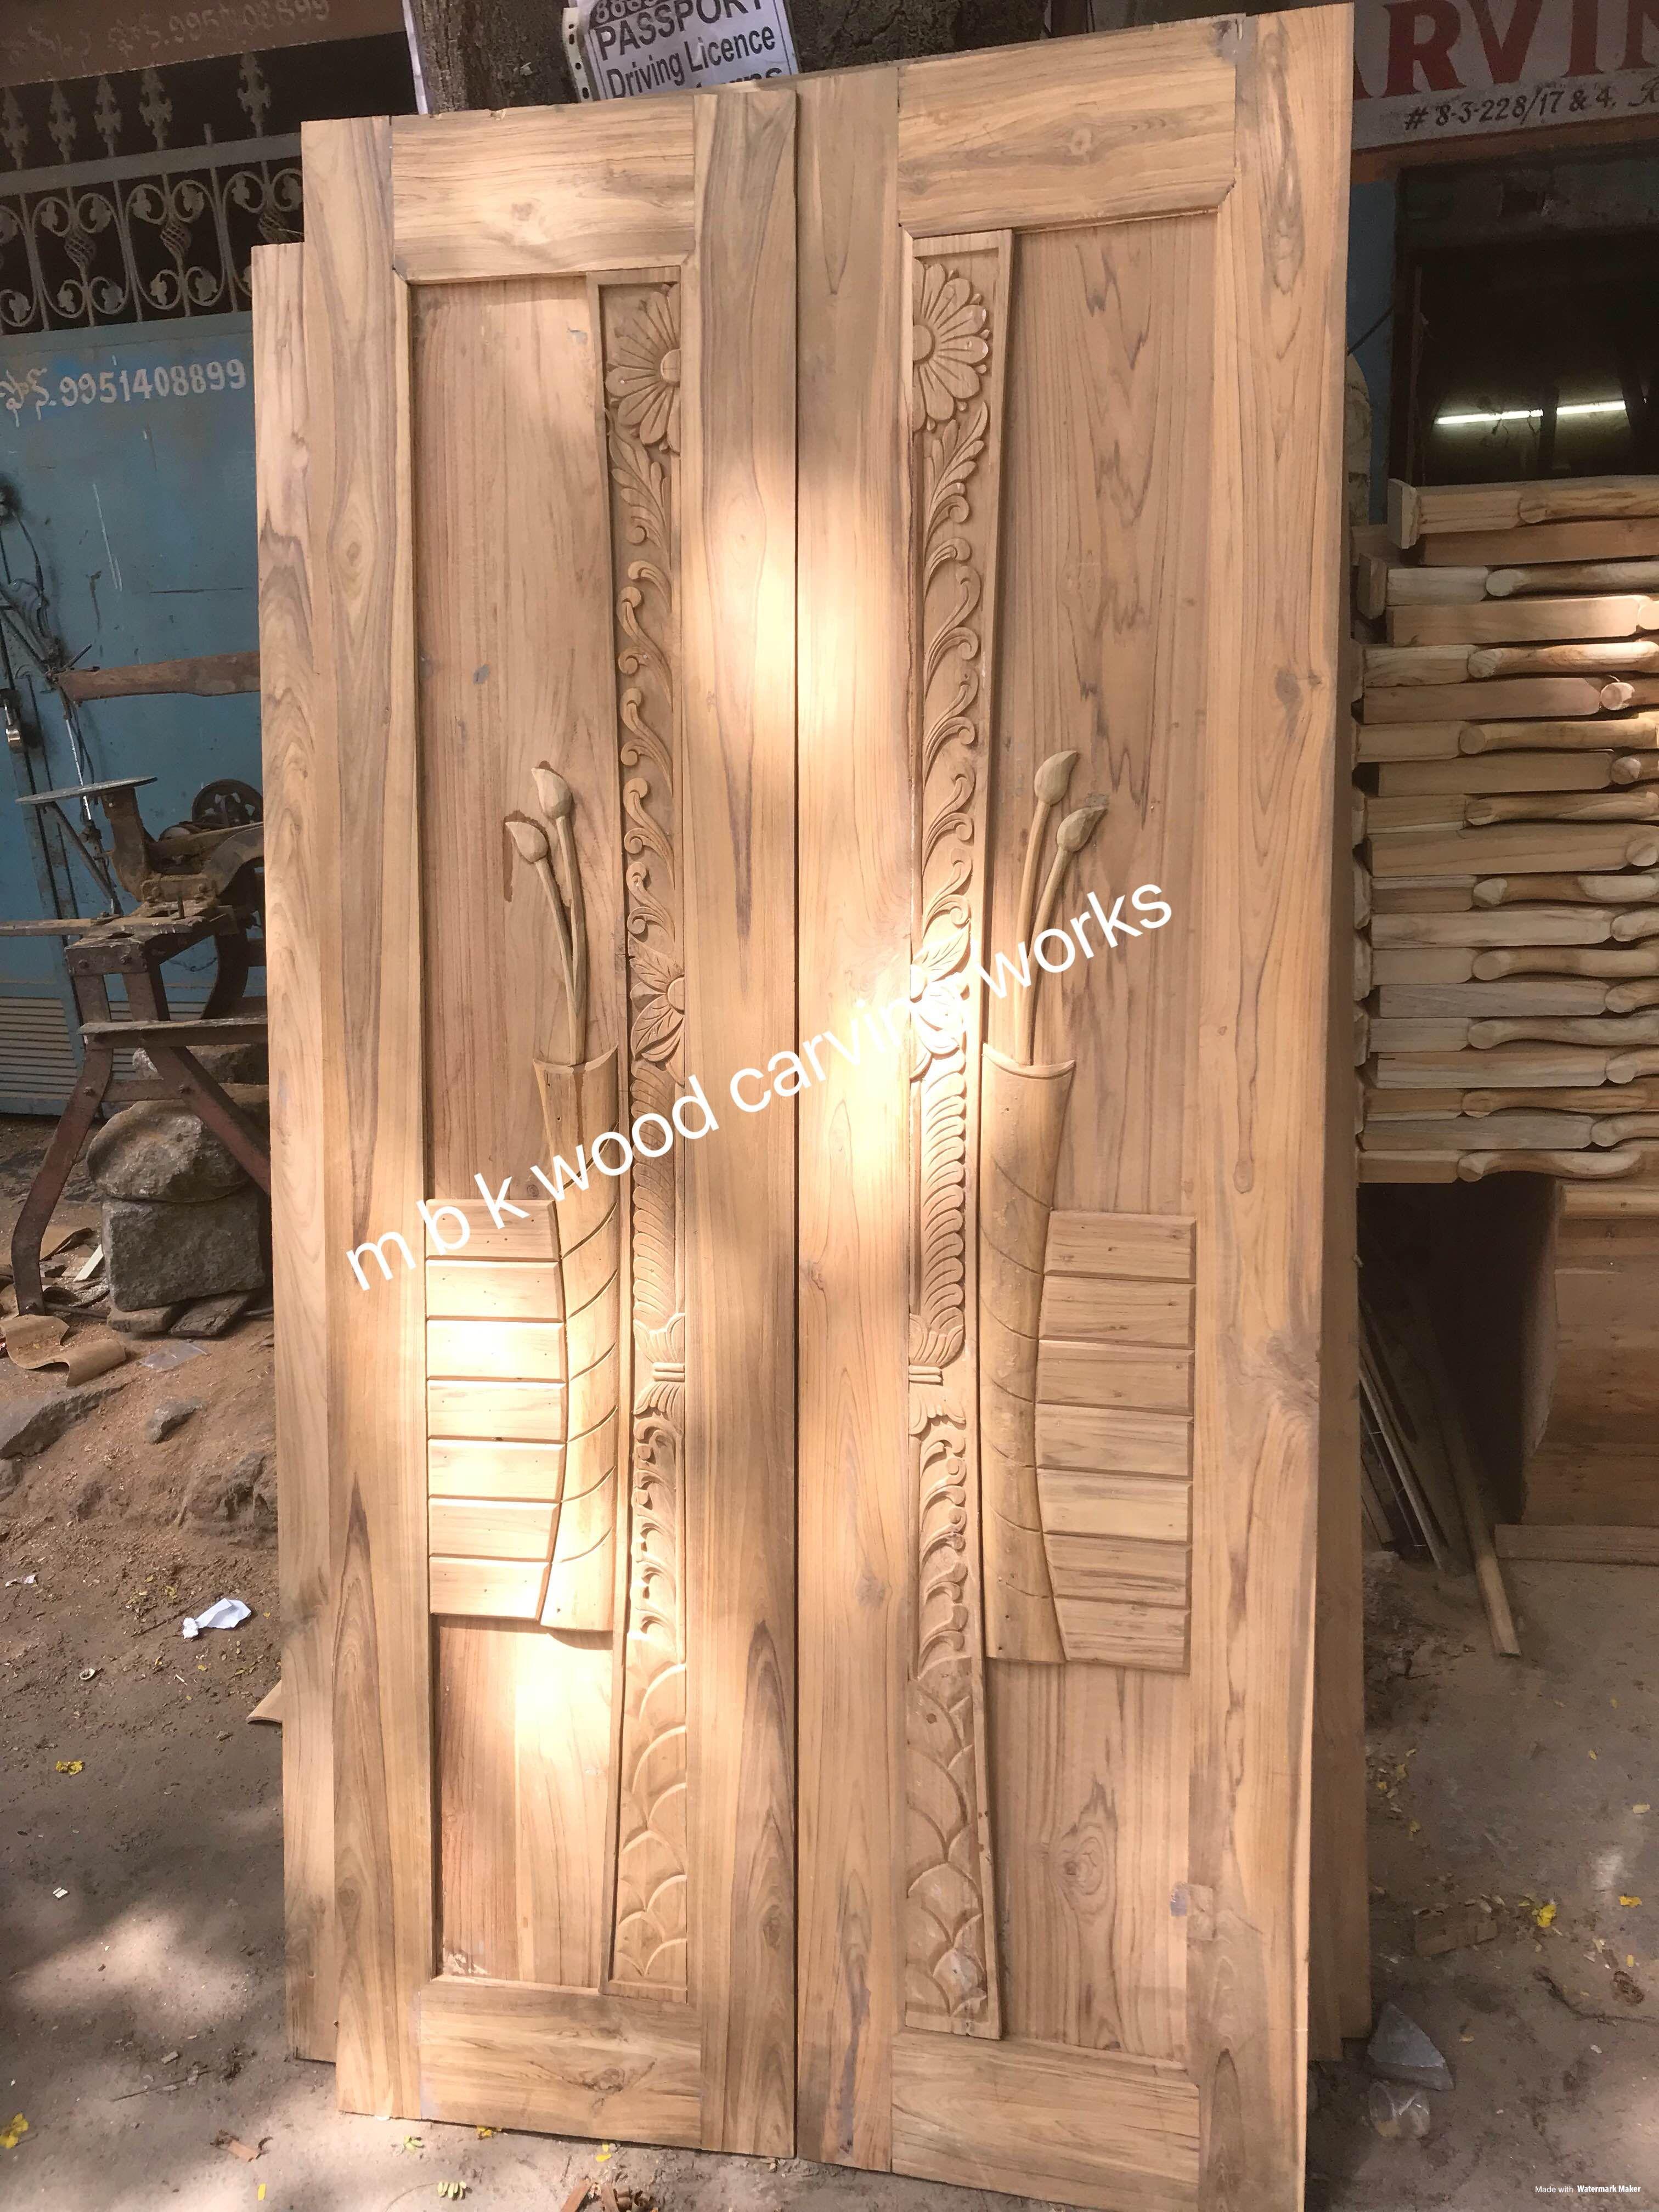 Mbk Wood Carving Works 08033016296 In Hyderabad India Double Door Design Main Entrance Wooden Doors Entrance Door Design